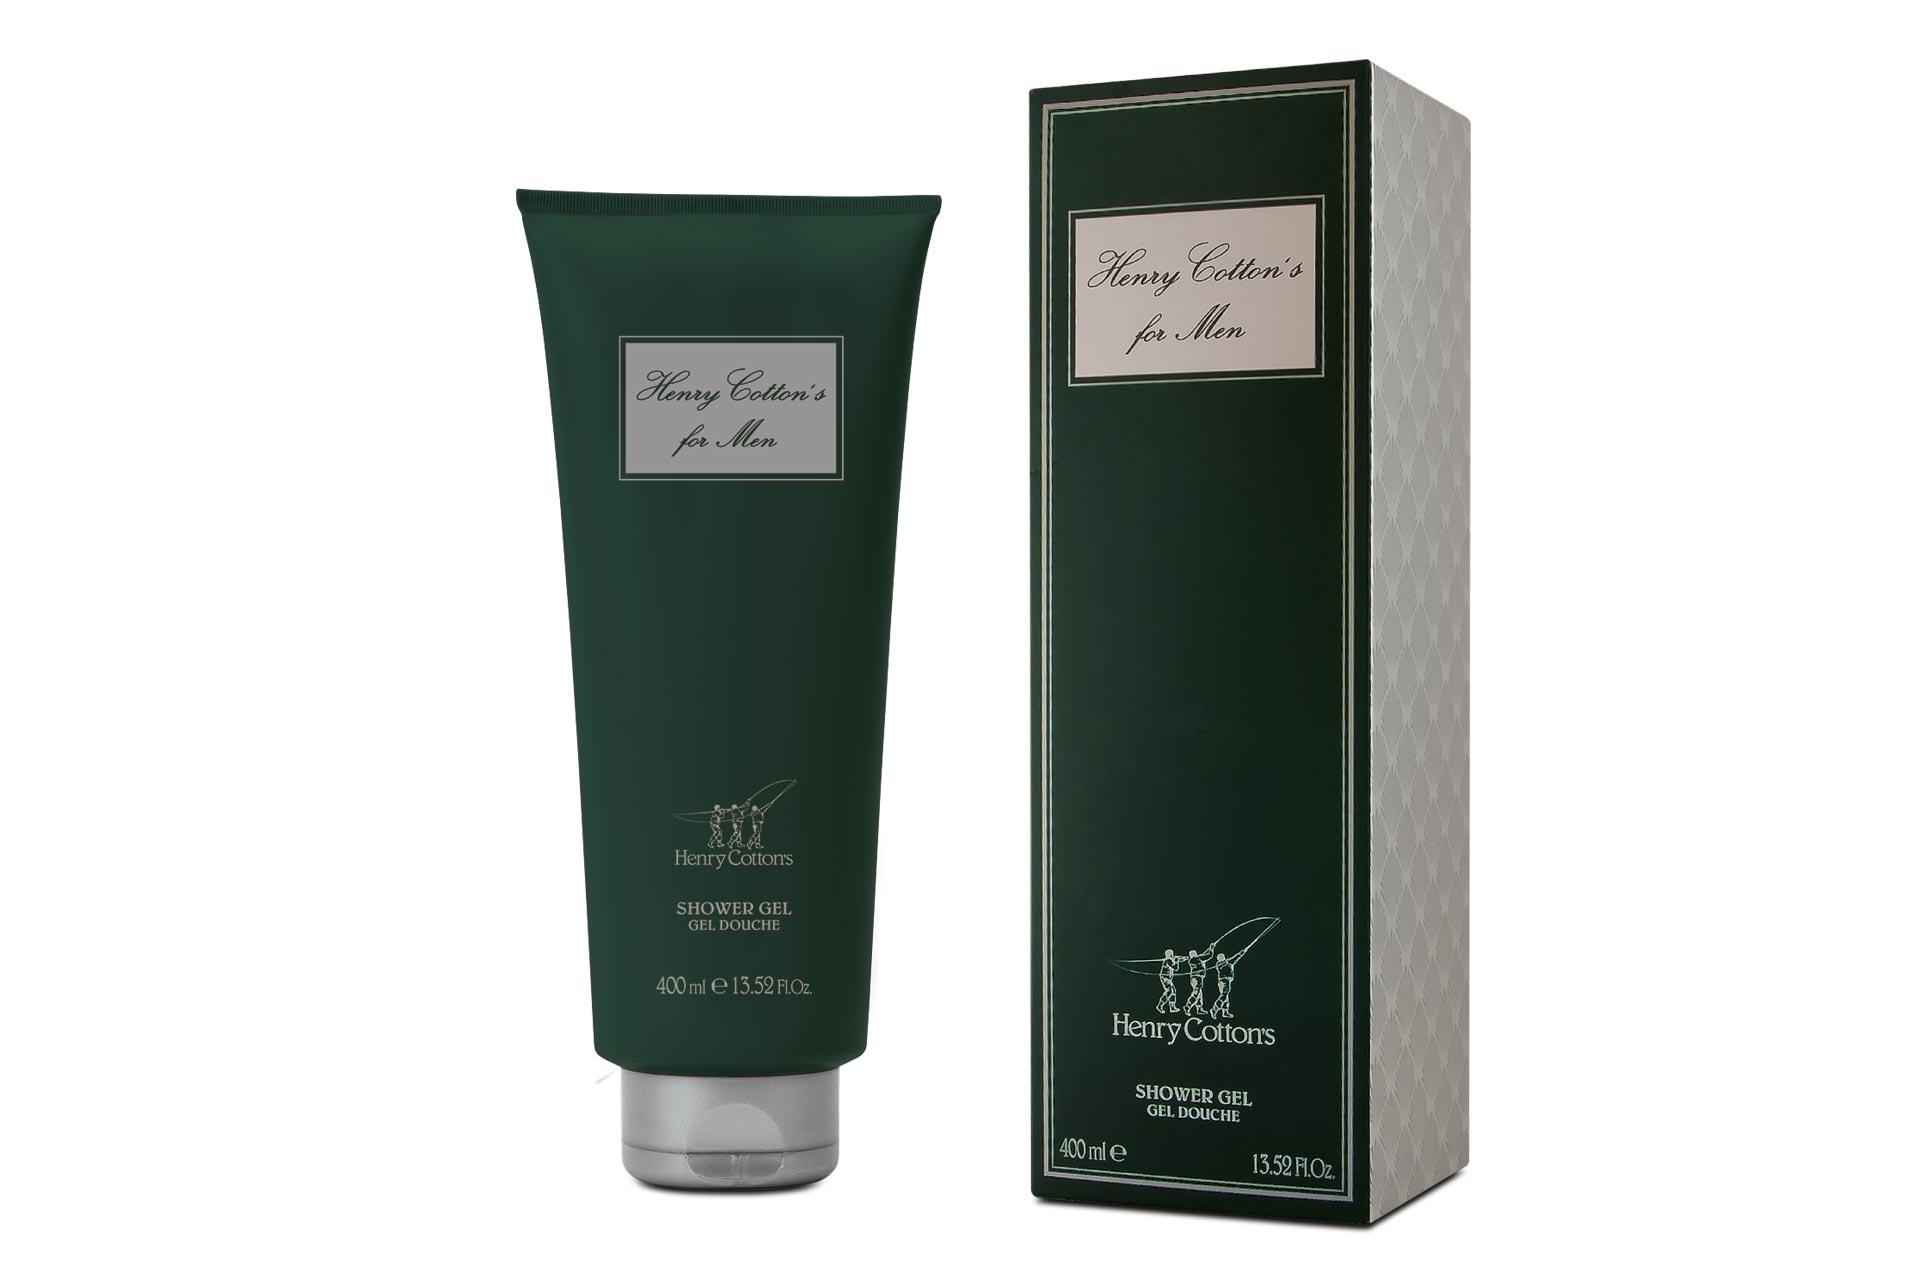 finest selection 862e8 ec47e Henry Cottons' For Men è un eau de toilette fresca, legnosa ...